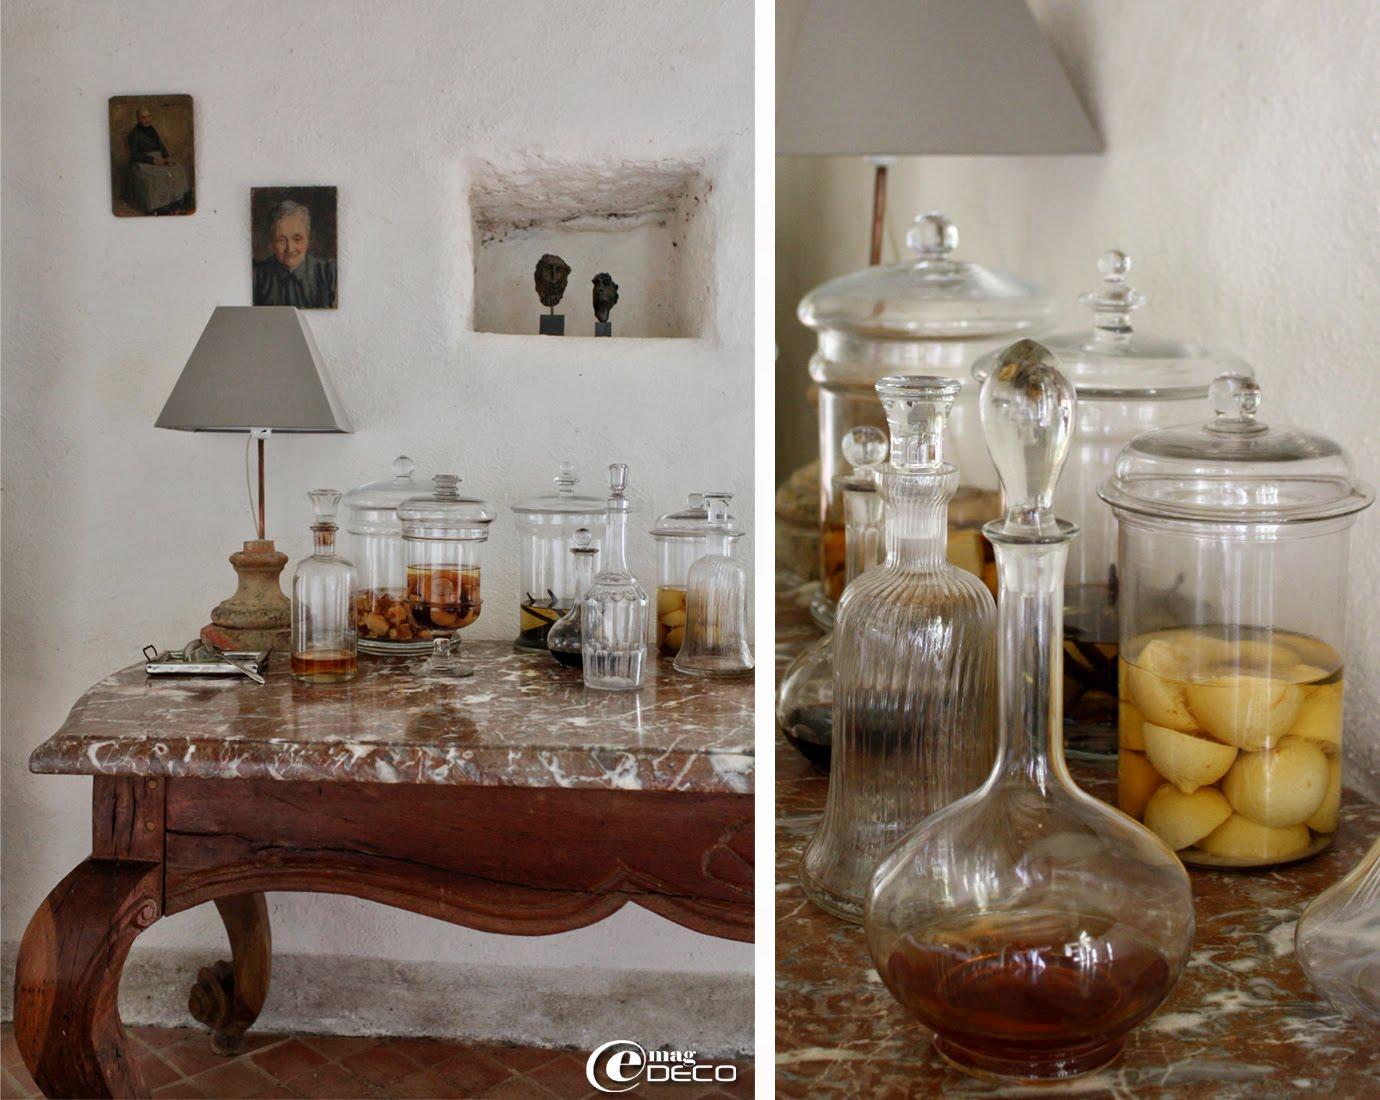 Collection de verrerie ancienne posée sur une table à gibier avec plateau en marbre du XVIIIème